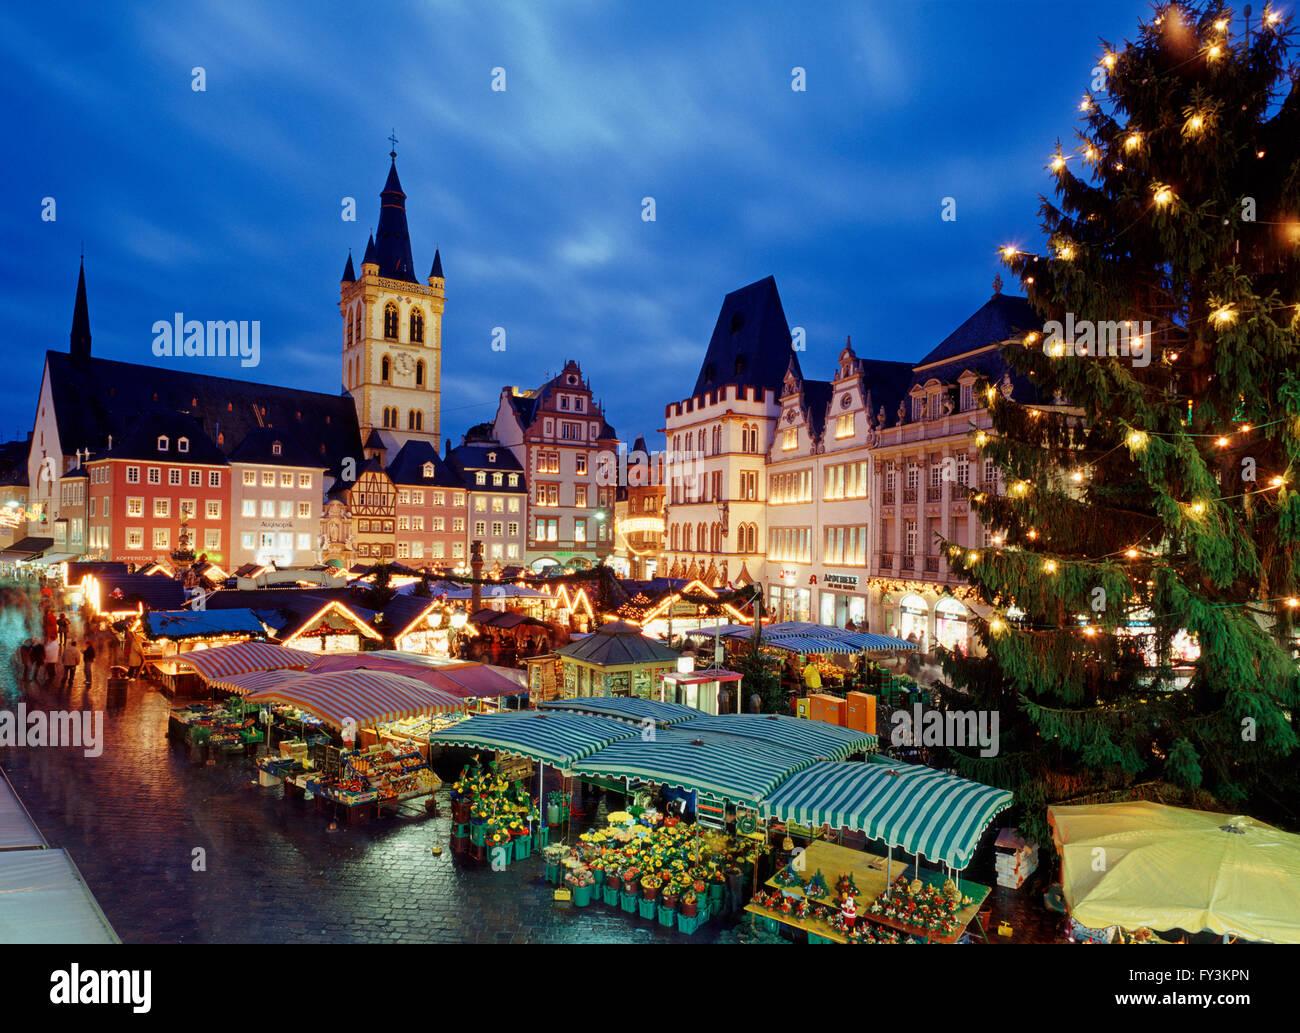 Weihnachtsmarkt In Trier.Weihnachtsmarkt Trier Rheinland Pfalz Deutschland Stockfoto Bild